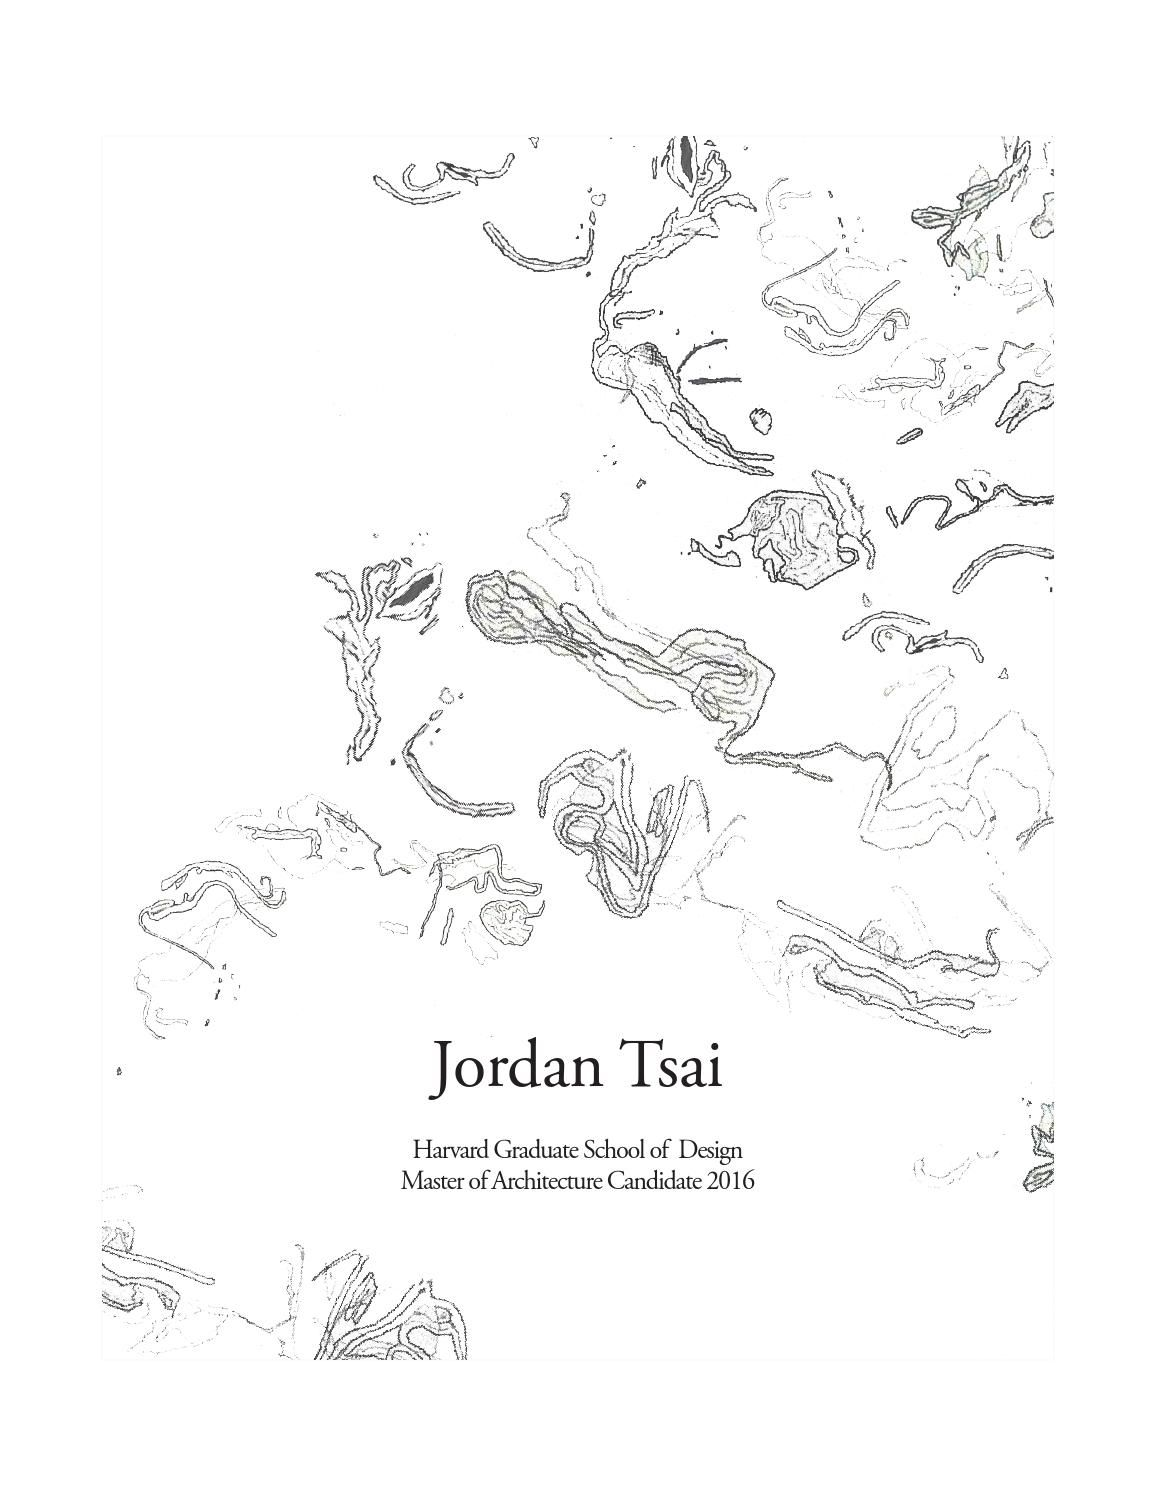 Jordan Tsai